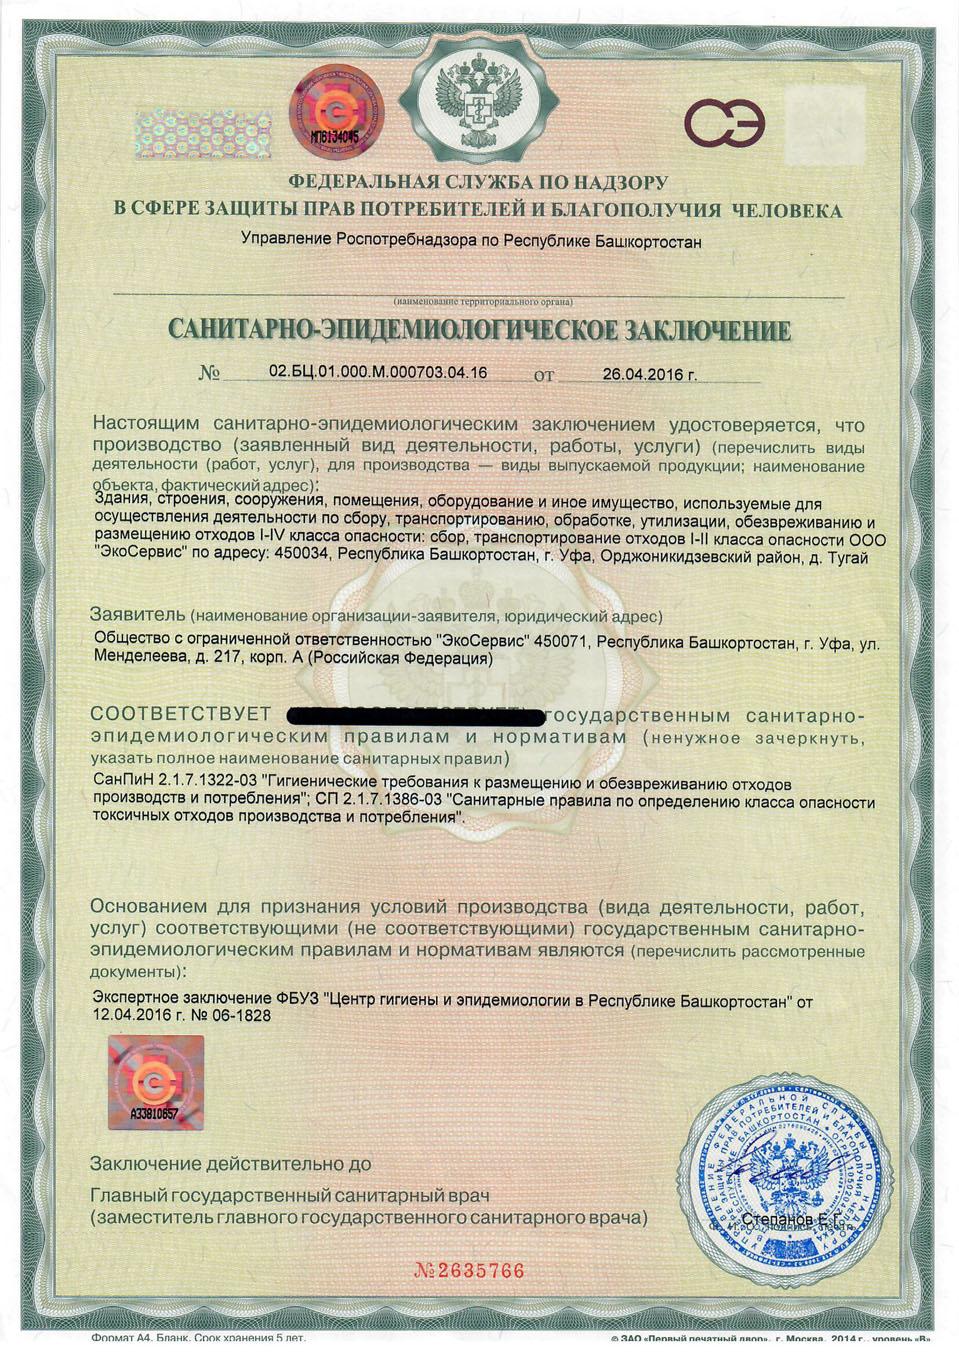 ЗАКЛЮЧЕНИЕ-СЭС-ОТ-26